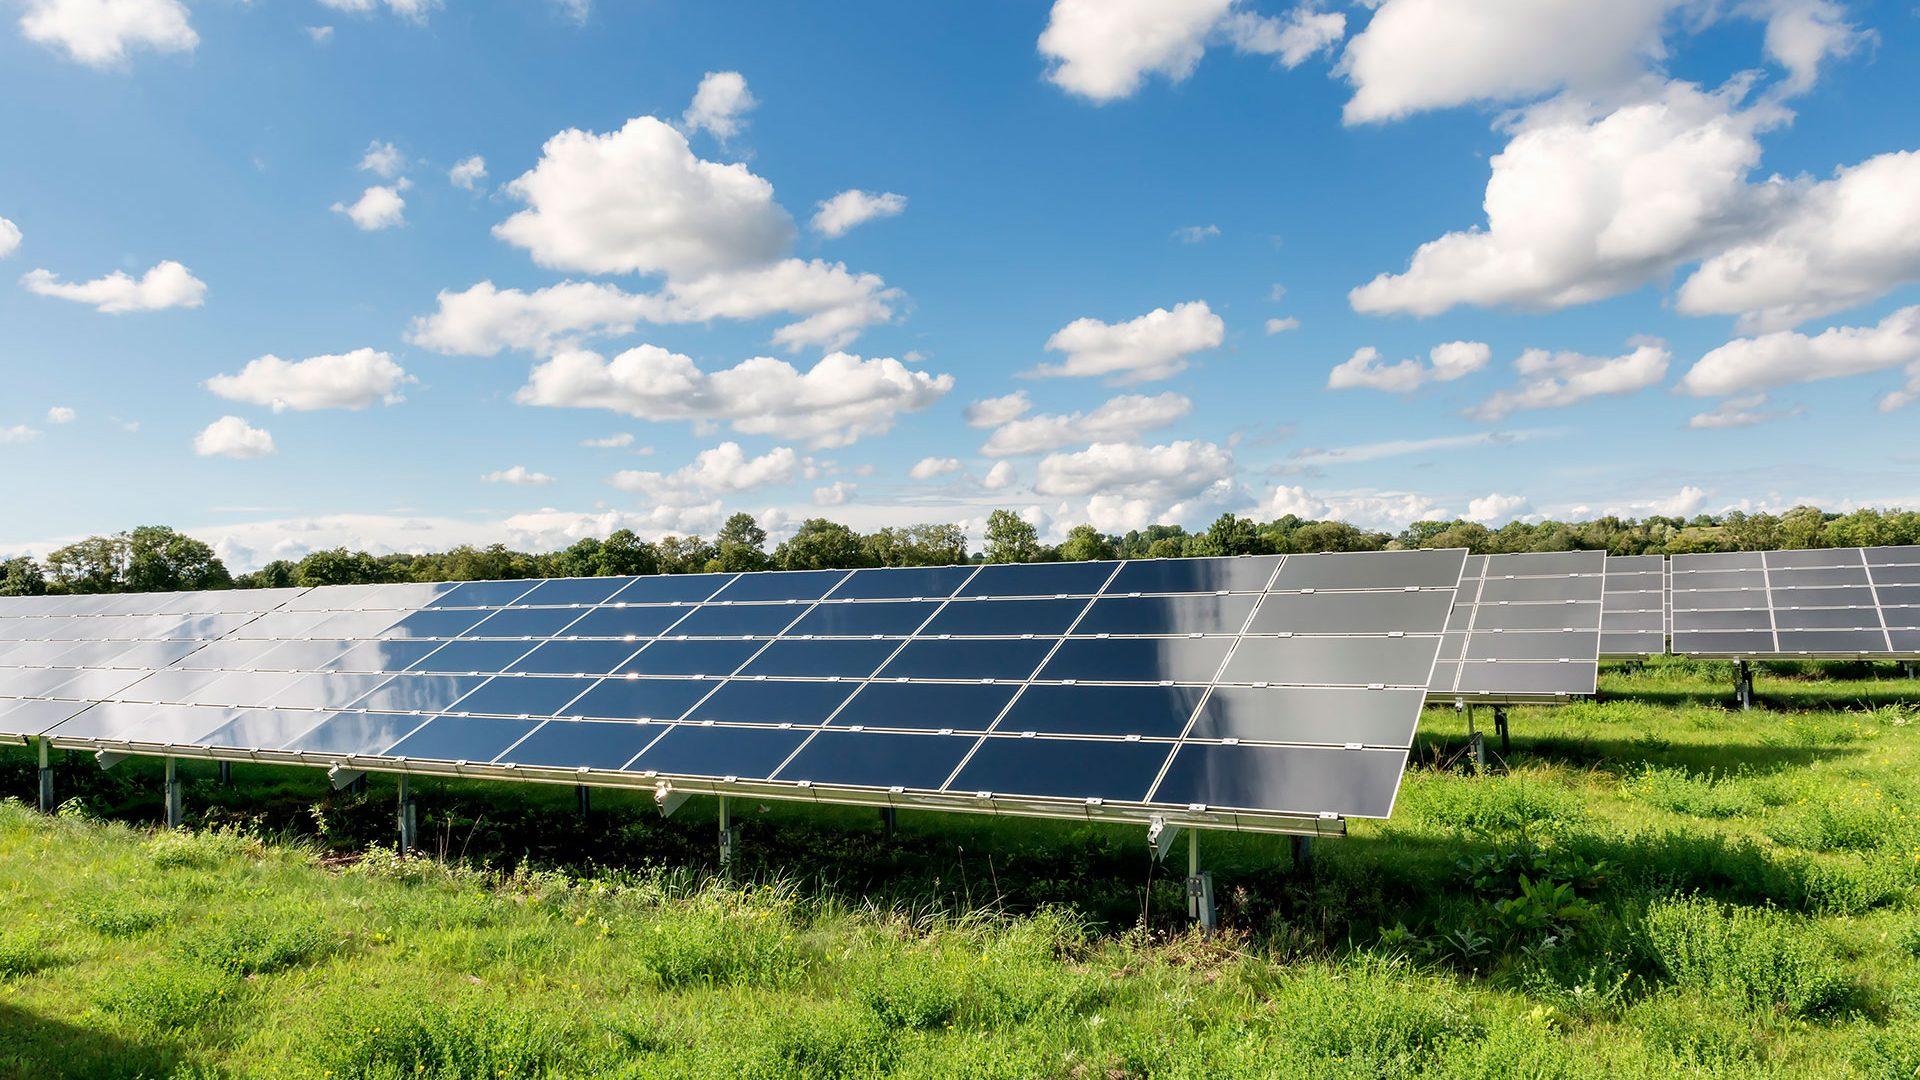 太陽光投資 エコの輪クラウドファンディング